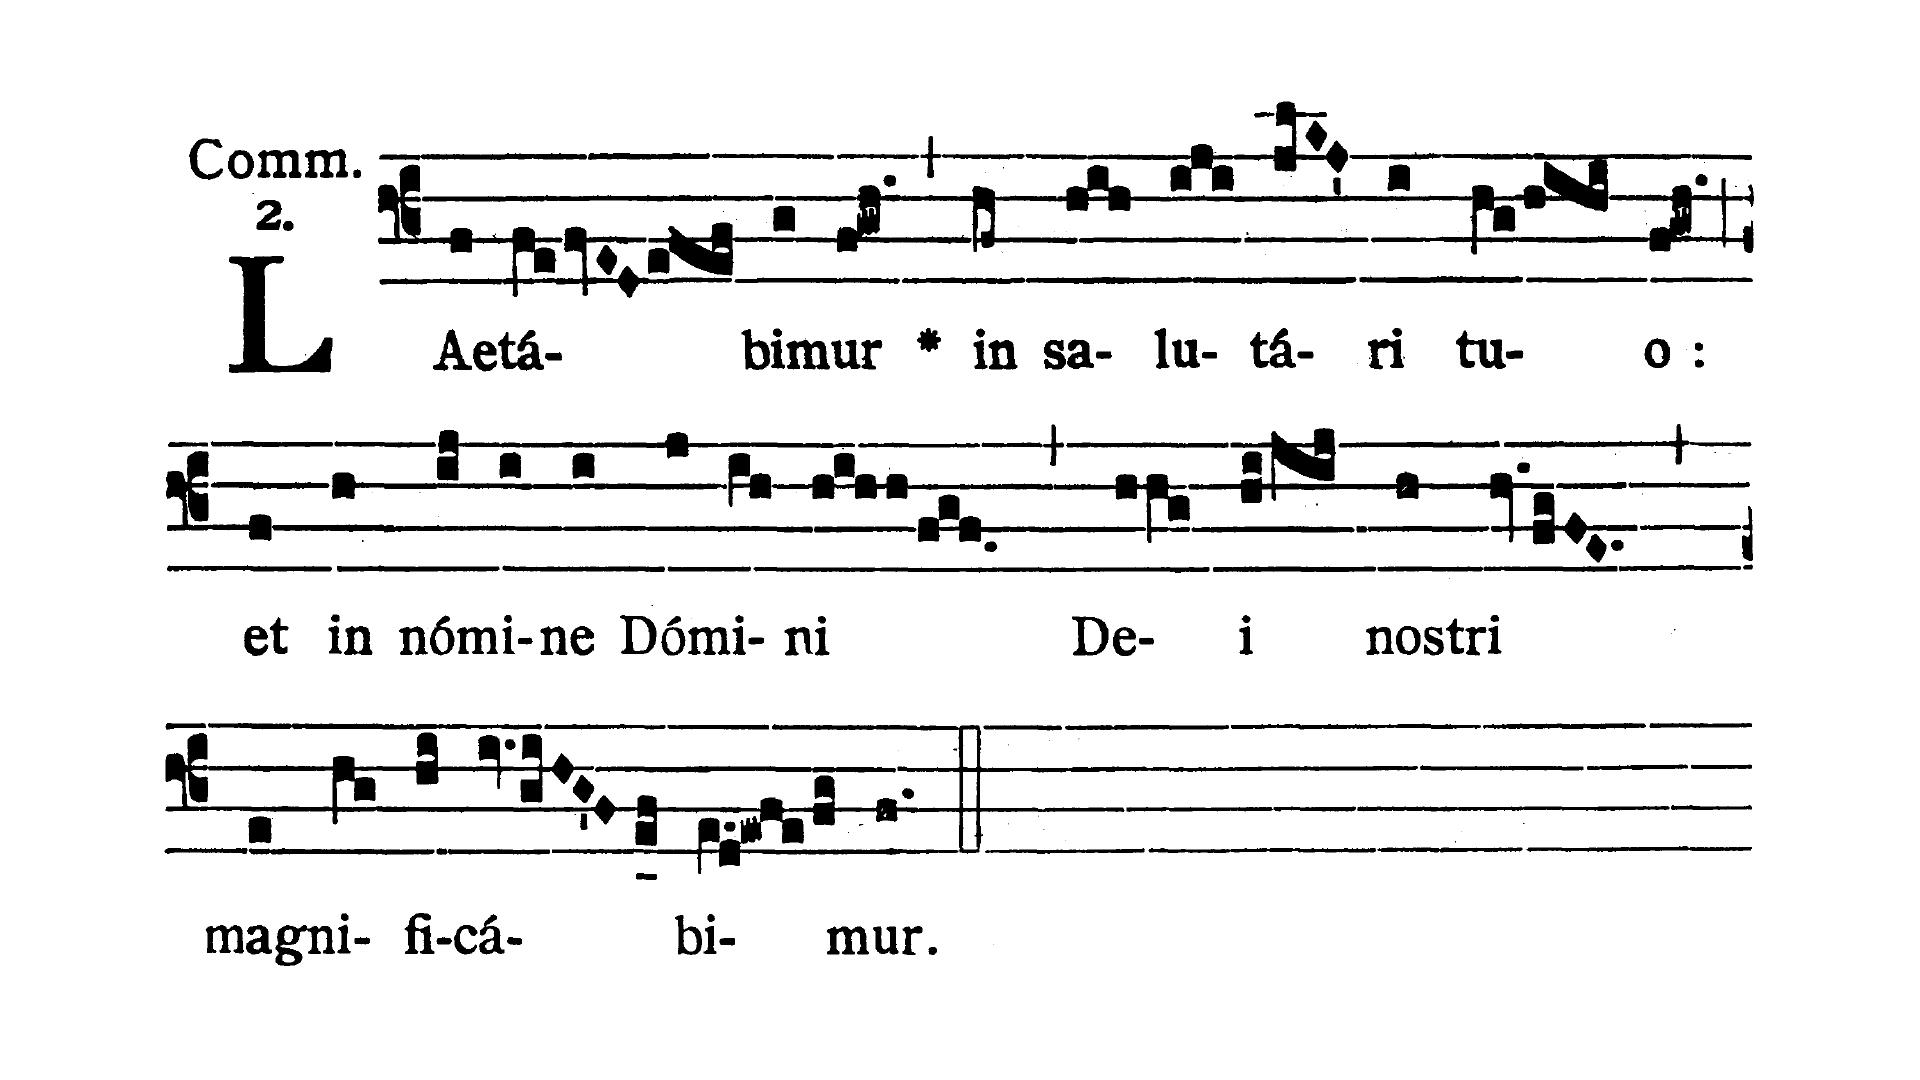 Feria III post Dominicam IV Quadragesimae (Wtorek po IV Niedzieli Wielkiego Postu) - Communio (Laetabimur in salutare tuo)